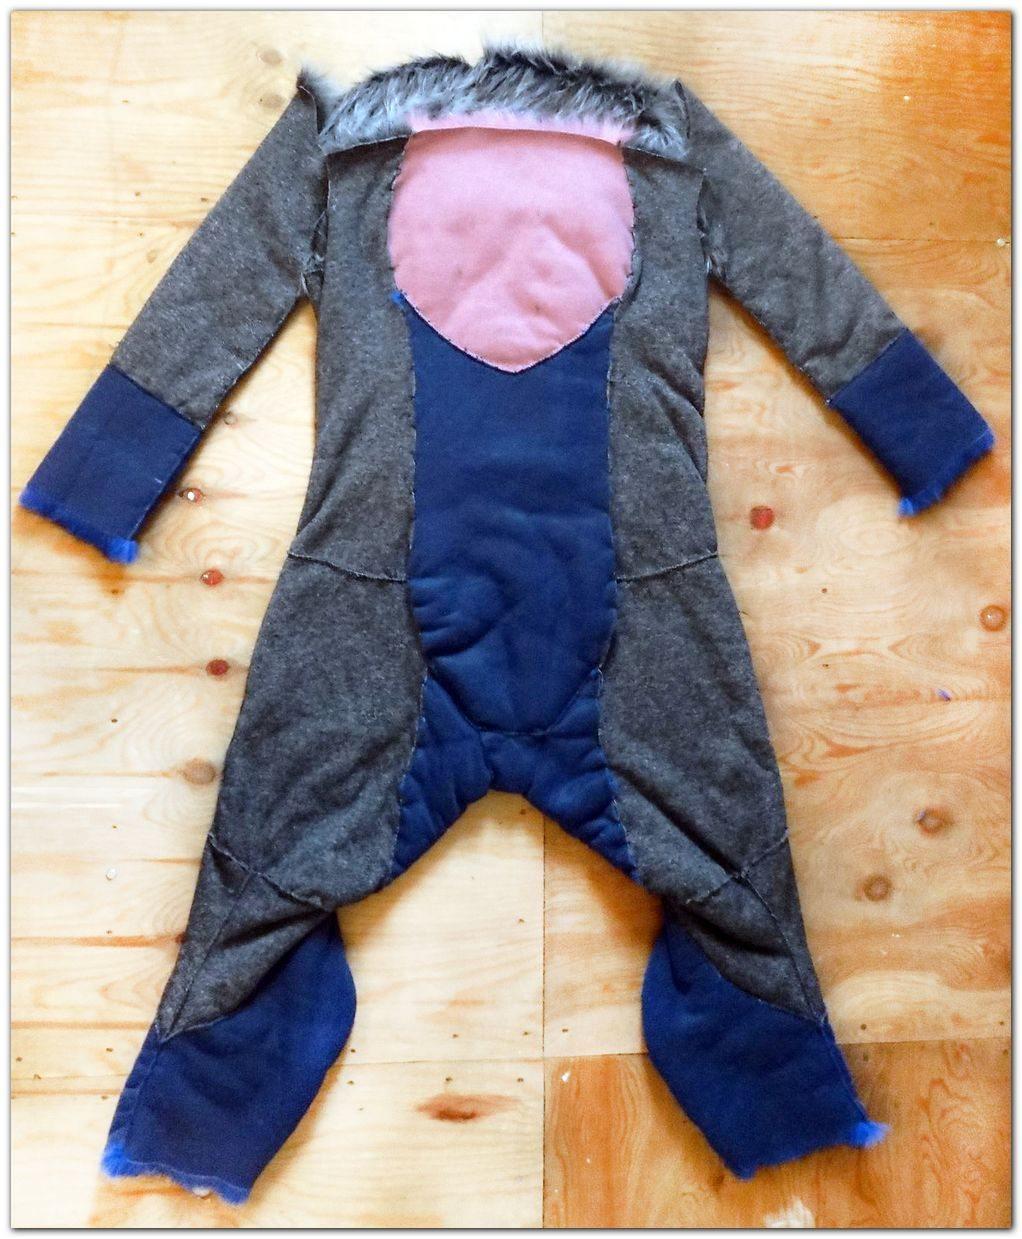 #fursuits overalls #furr.club #fursuit Koomoe